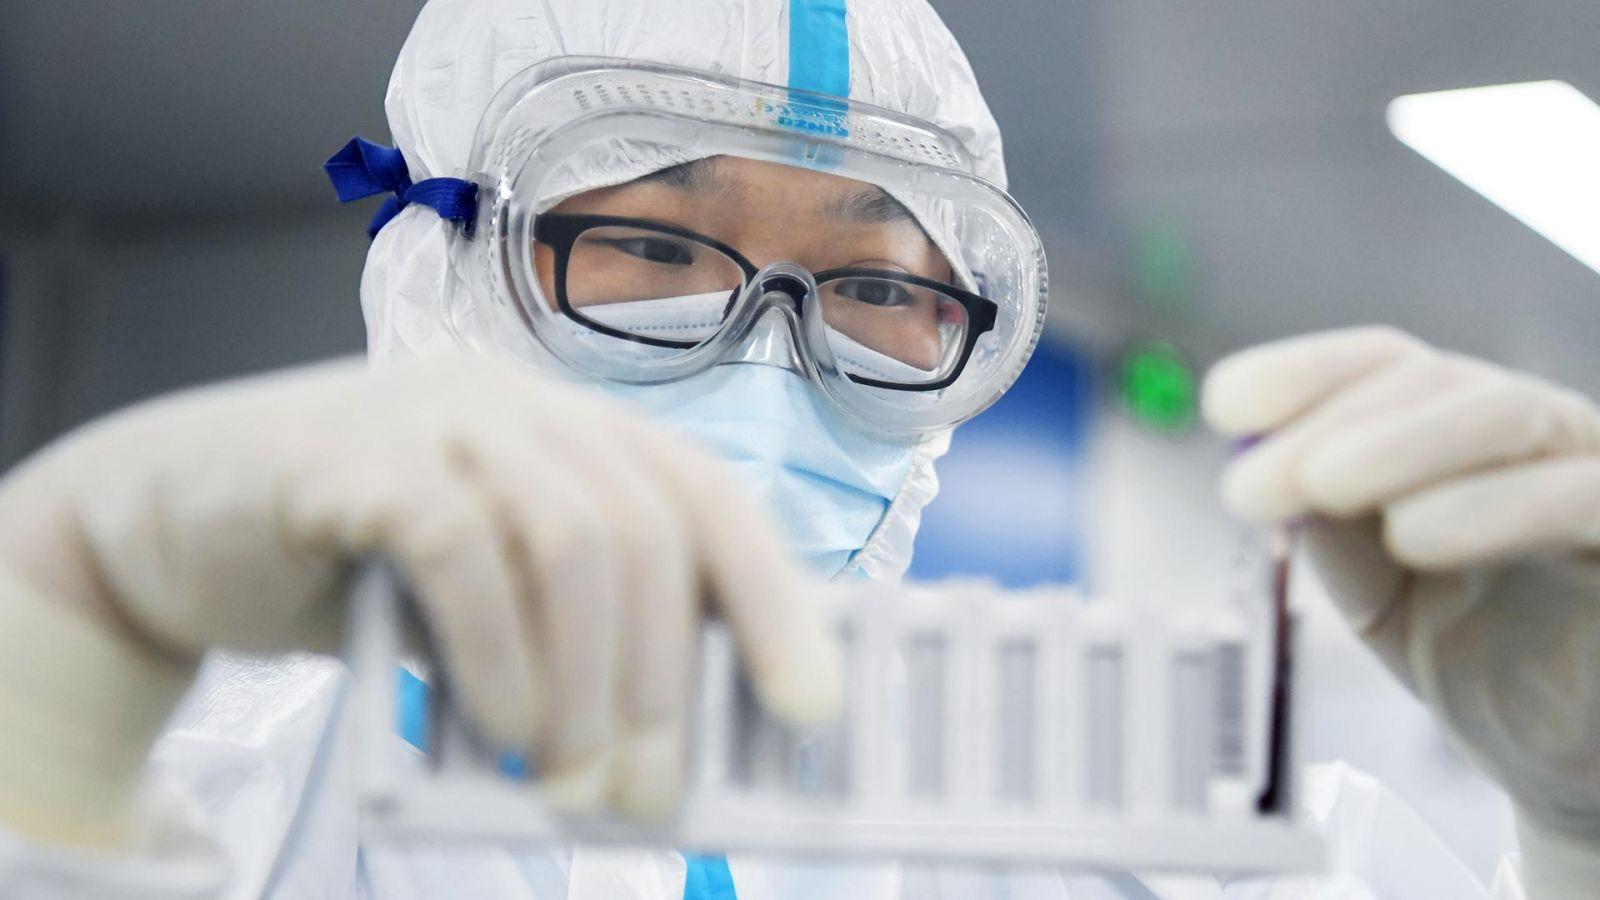 Доказательства утечки опасного вируса из Уханьской лаборатории появились в США